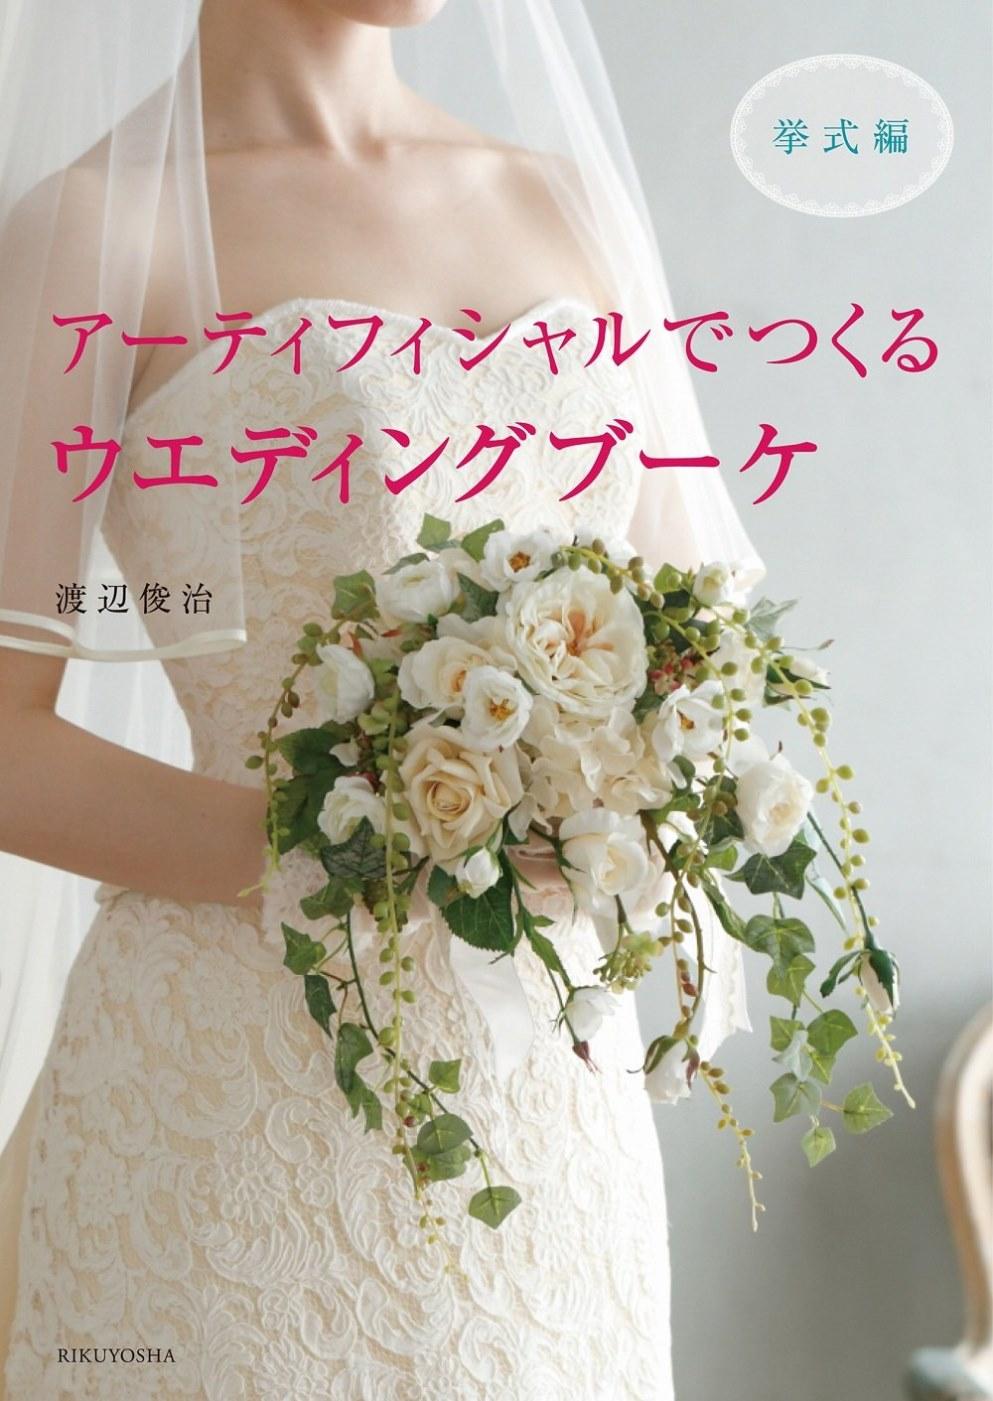 人造花製作美麗婚禮花束 實例作品集:婚禮舉式篇